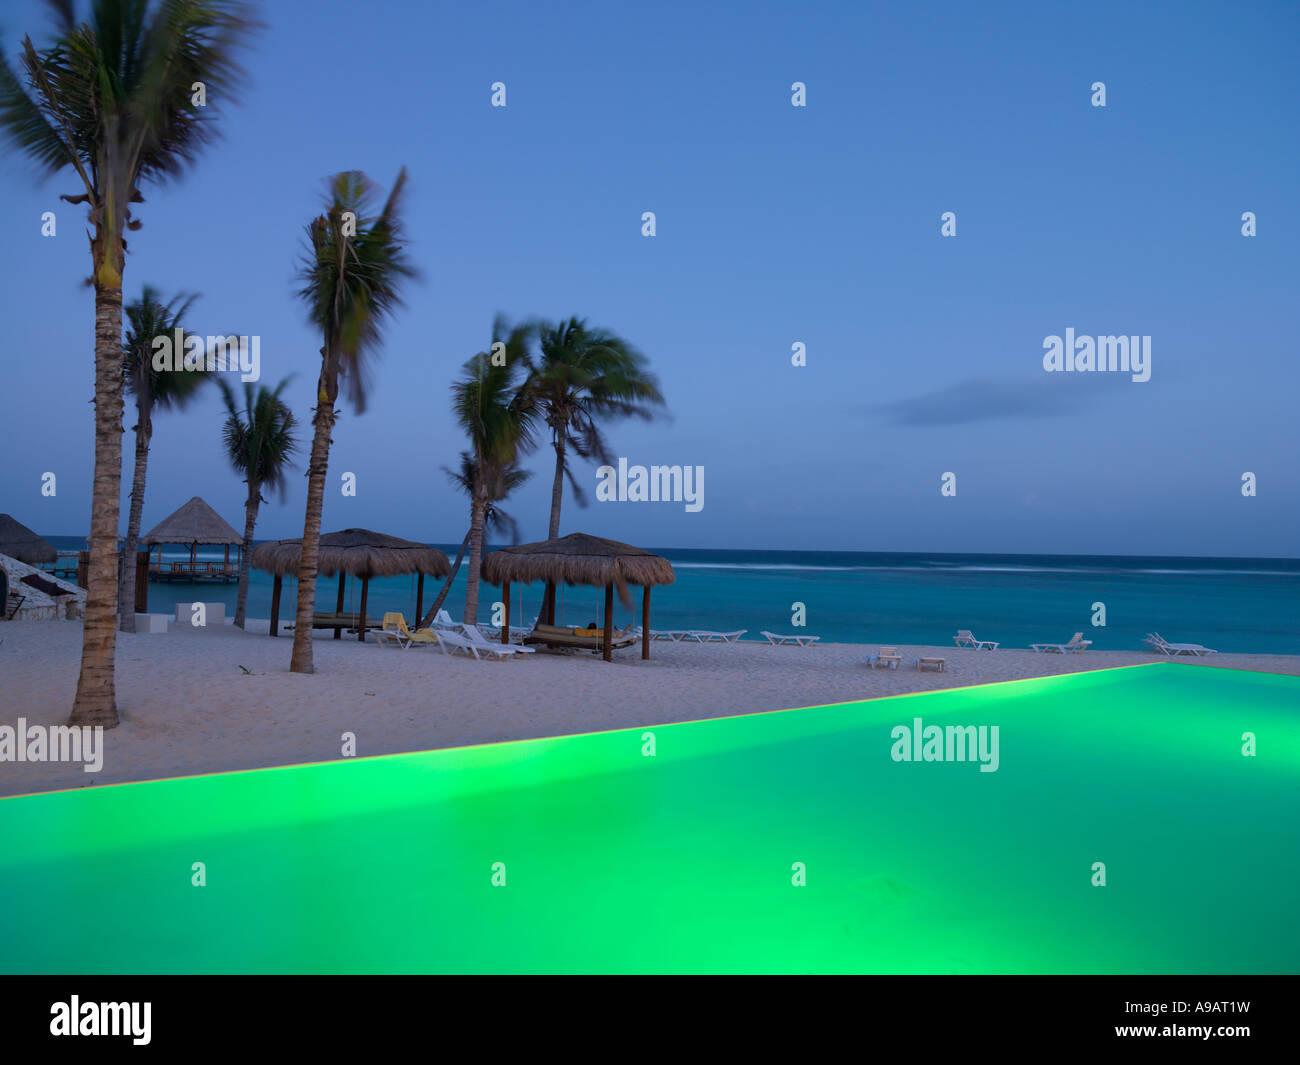 México Quintana Roo Península de Yucatán Riviera maya Akumal piscina iluminada por el borde de una Imagen De Stock